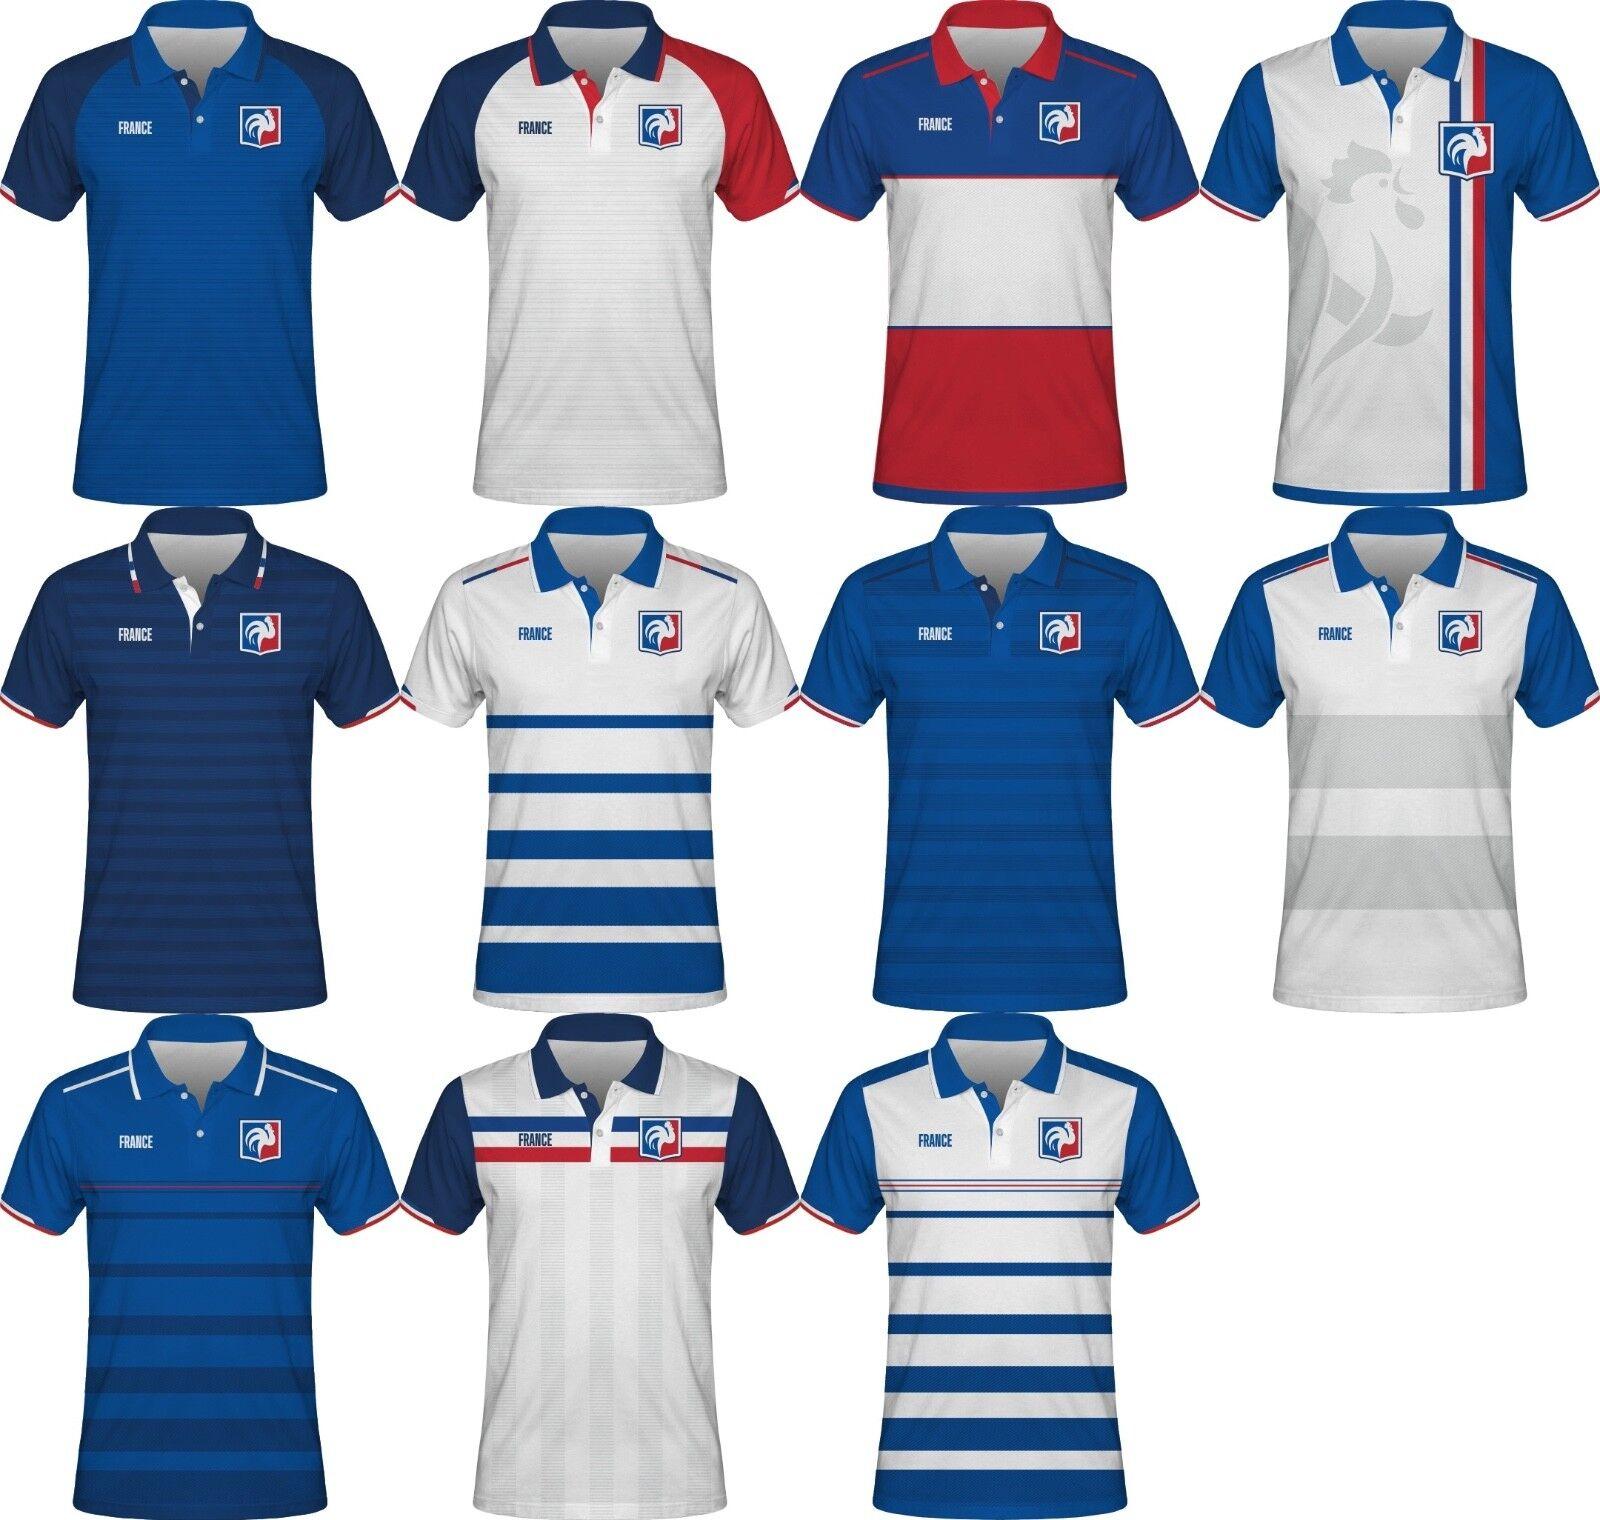 7dca677d5 FIFA WORLD CUP 2018 France Football Soccer Polo T-Shirt POGBA GIROUD ...